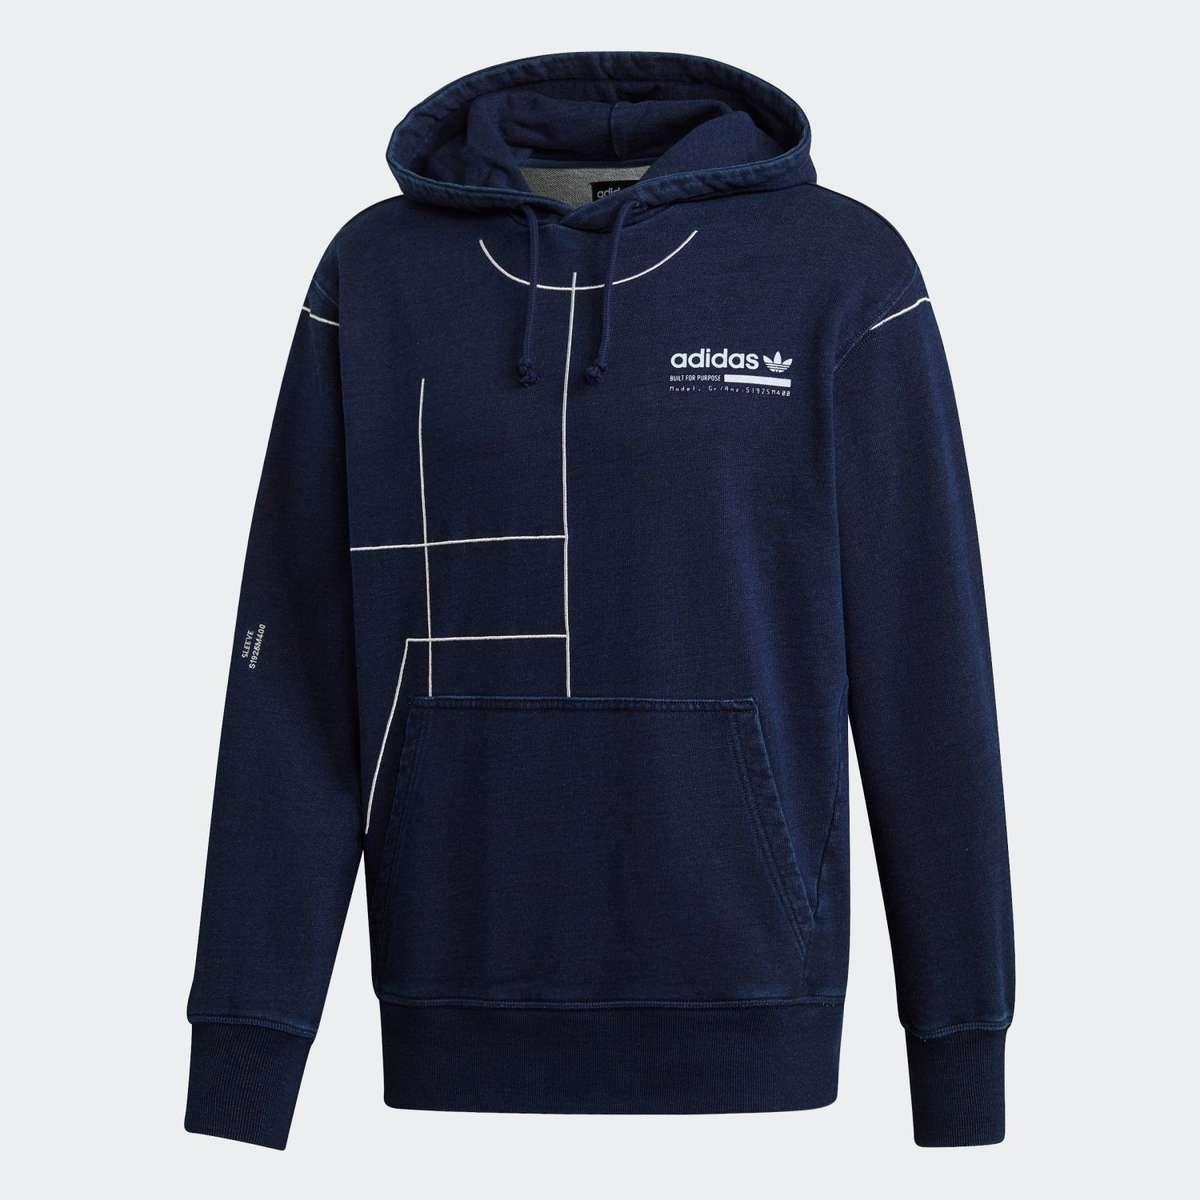 adidas KAVAL GRP フーディー/パーカー